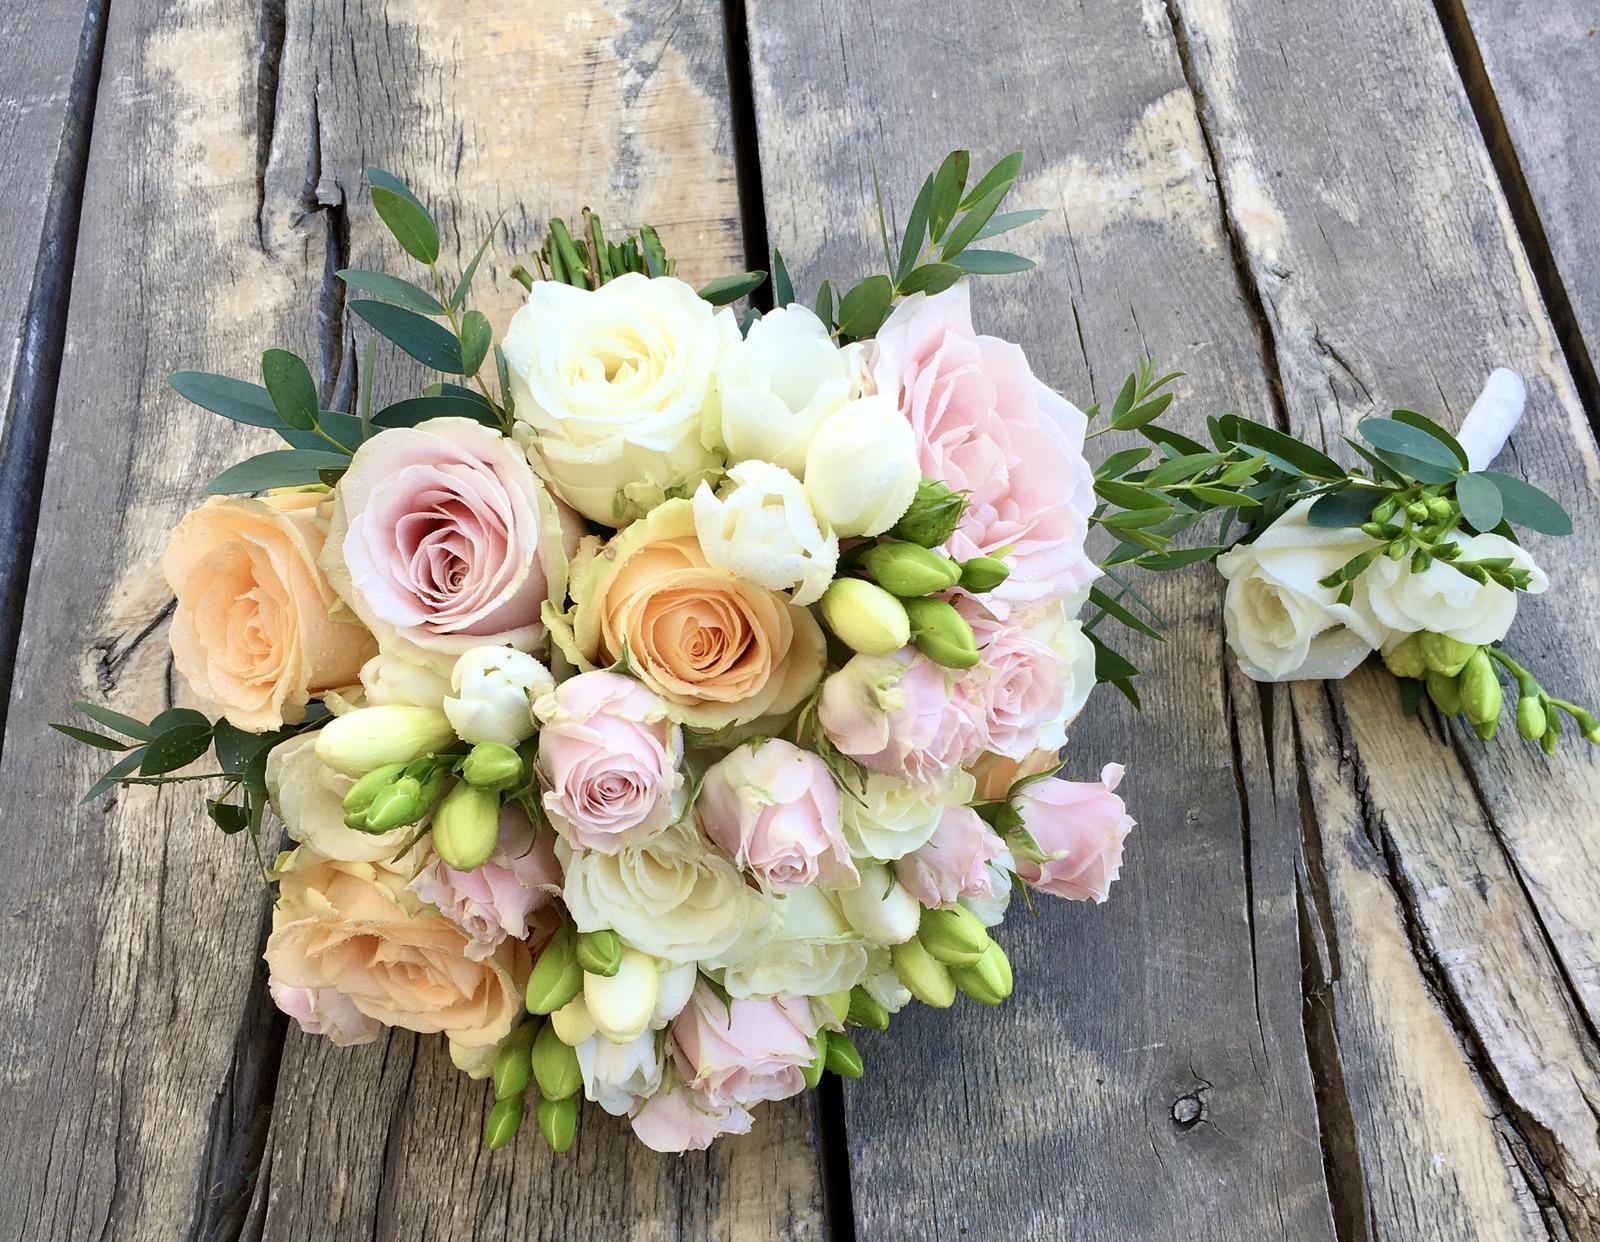 Letná pastelová svadba - Obrázok č. 2